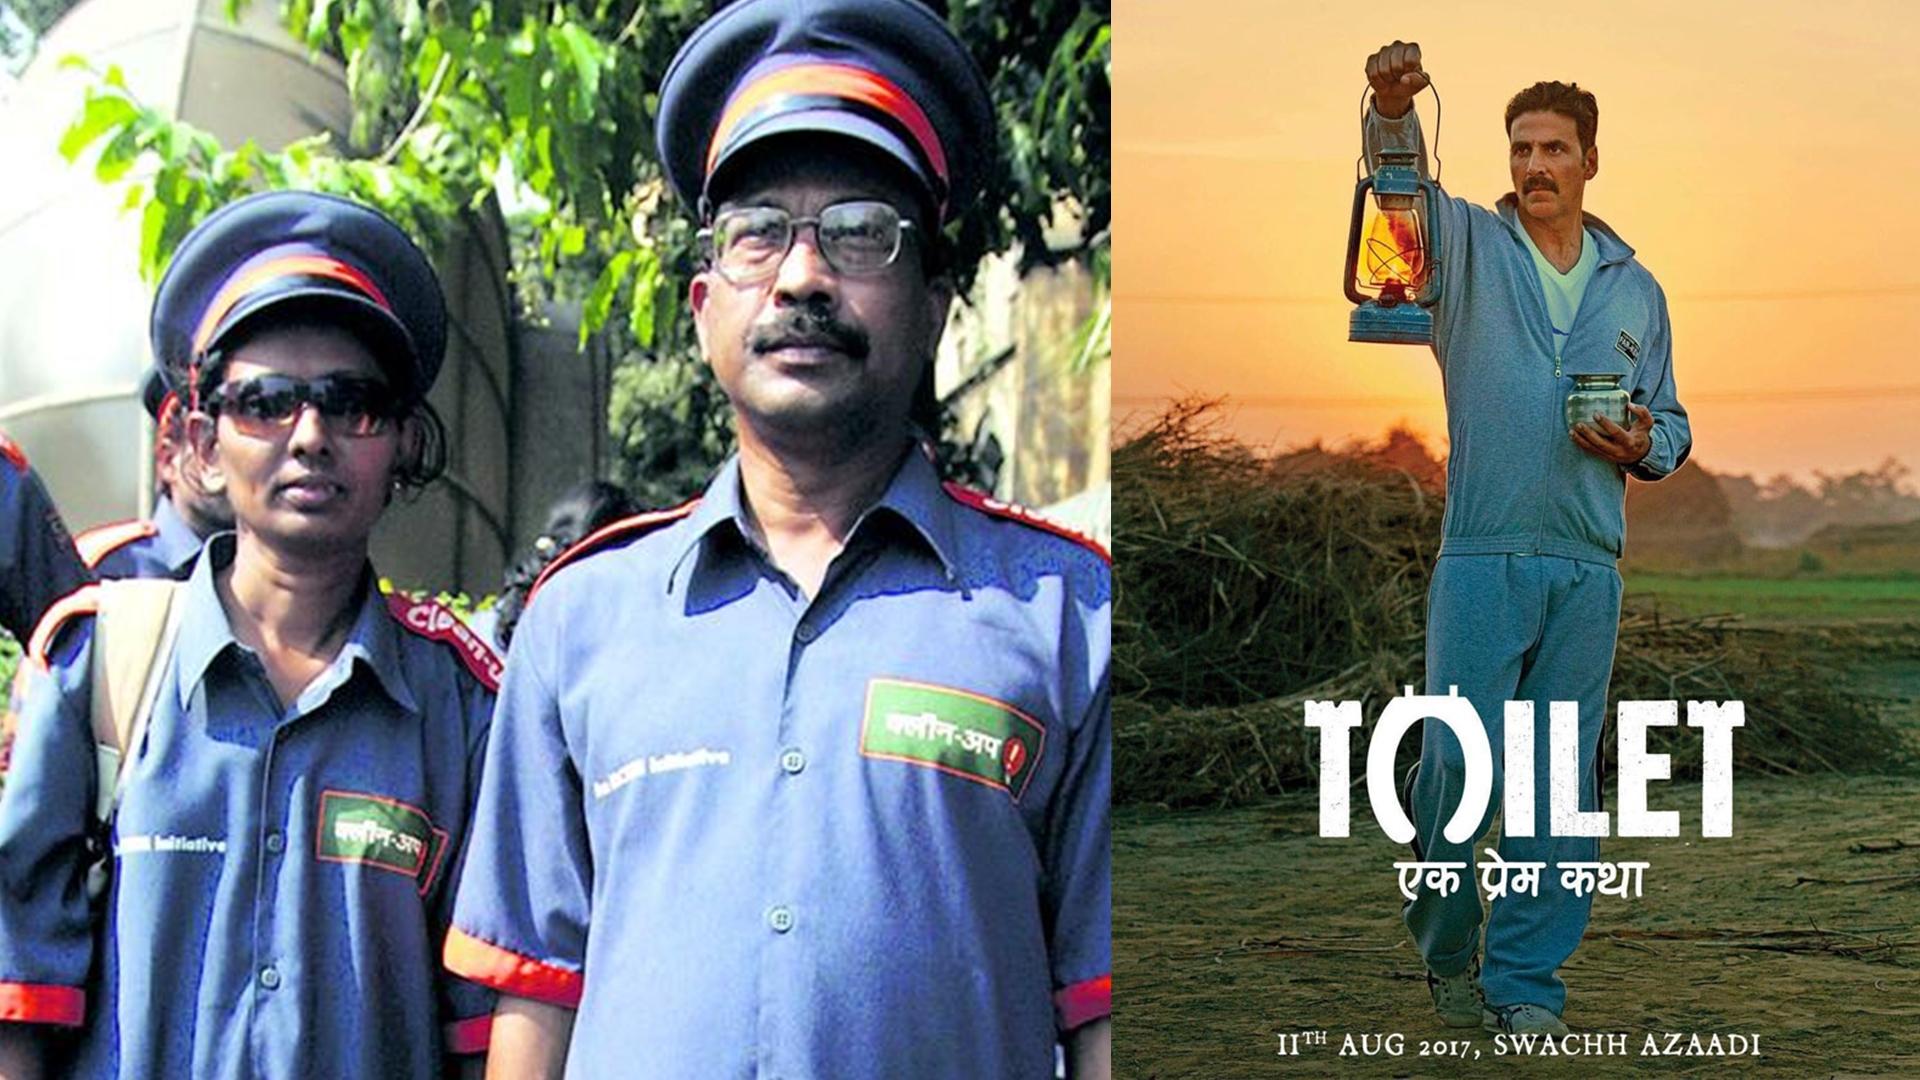 Akshay-Kumar-Toilet-Ek-Prem-Katha